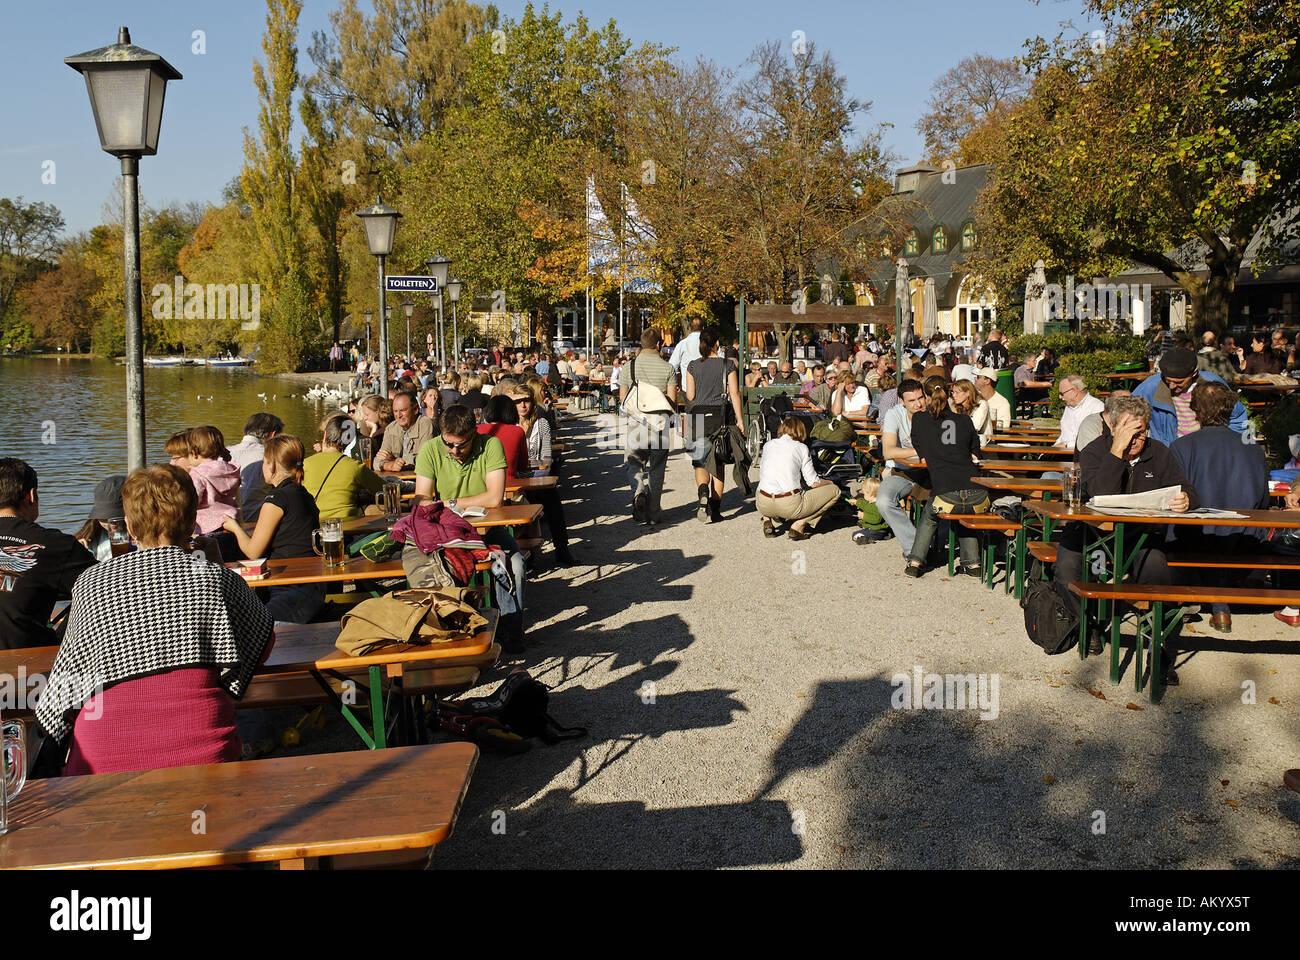 Biergarten, beer garden, at Seehaus, Kleinhesseloher See, Englischer Garten, English Garden, Munich, Bavaria, Germany - Stock Image